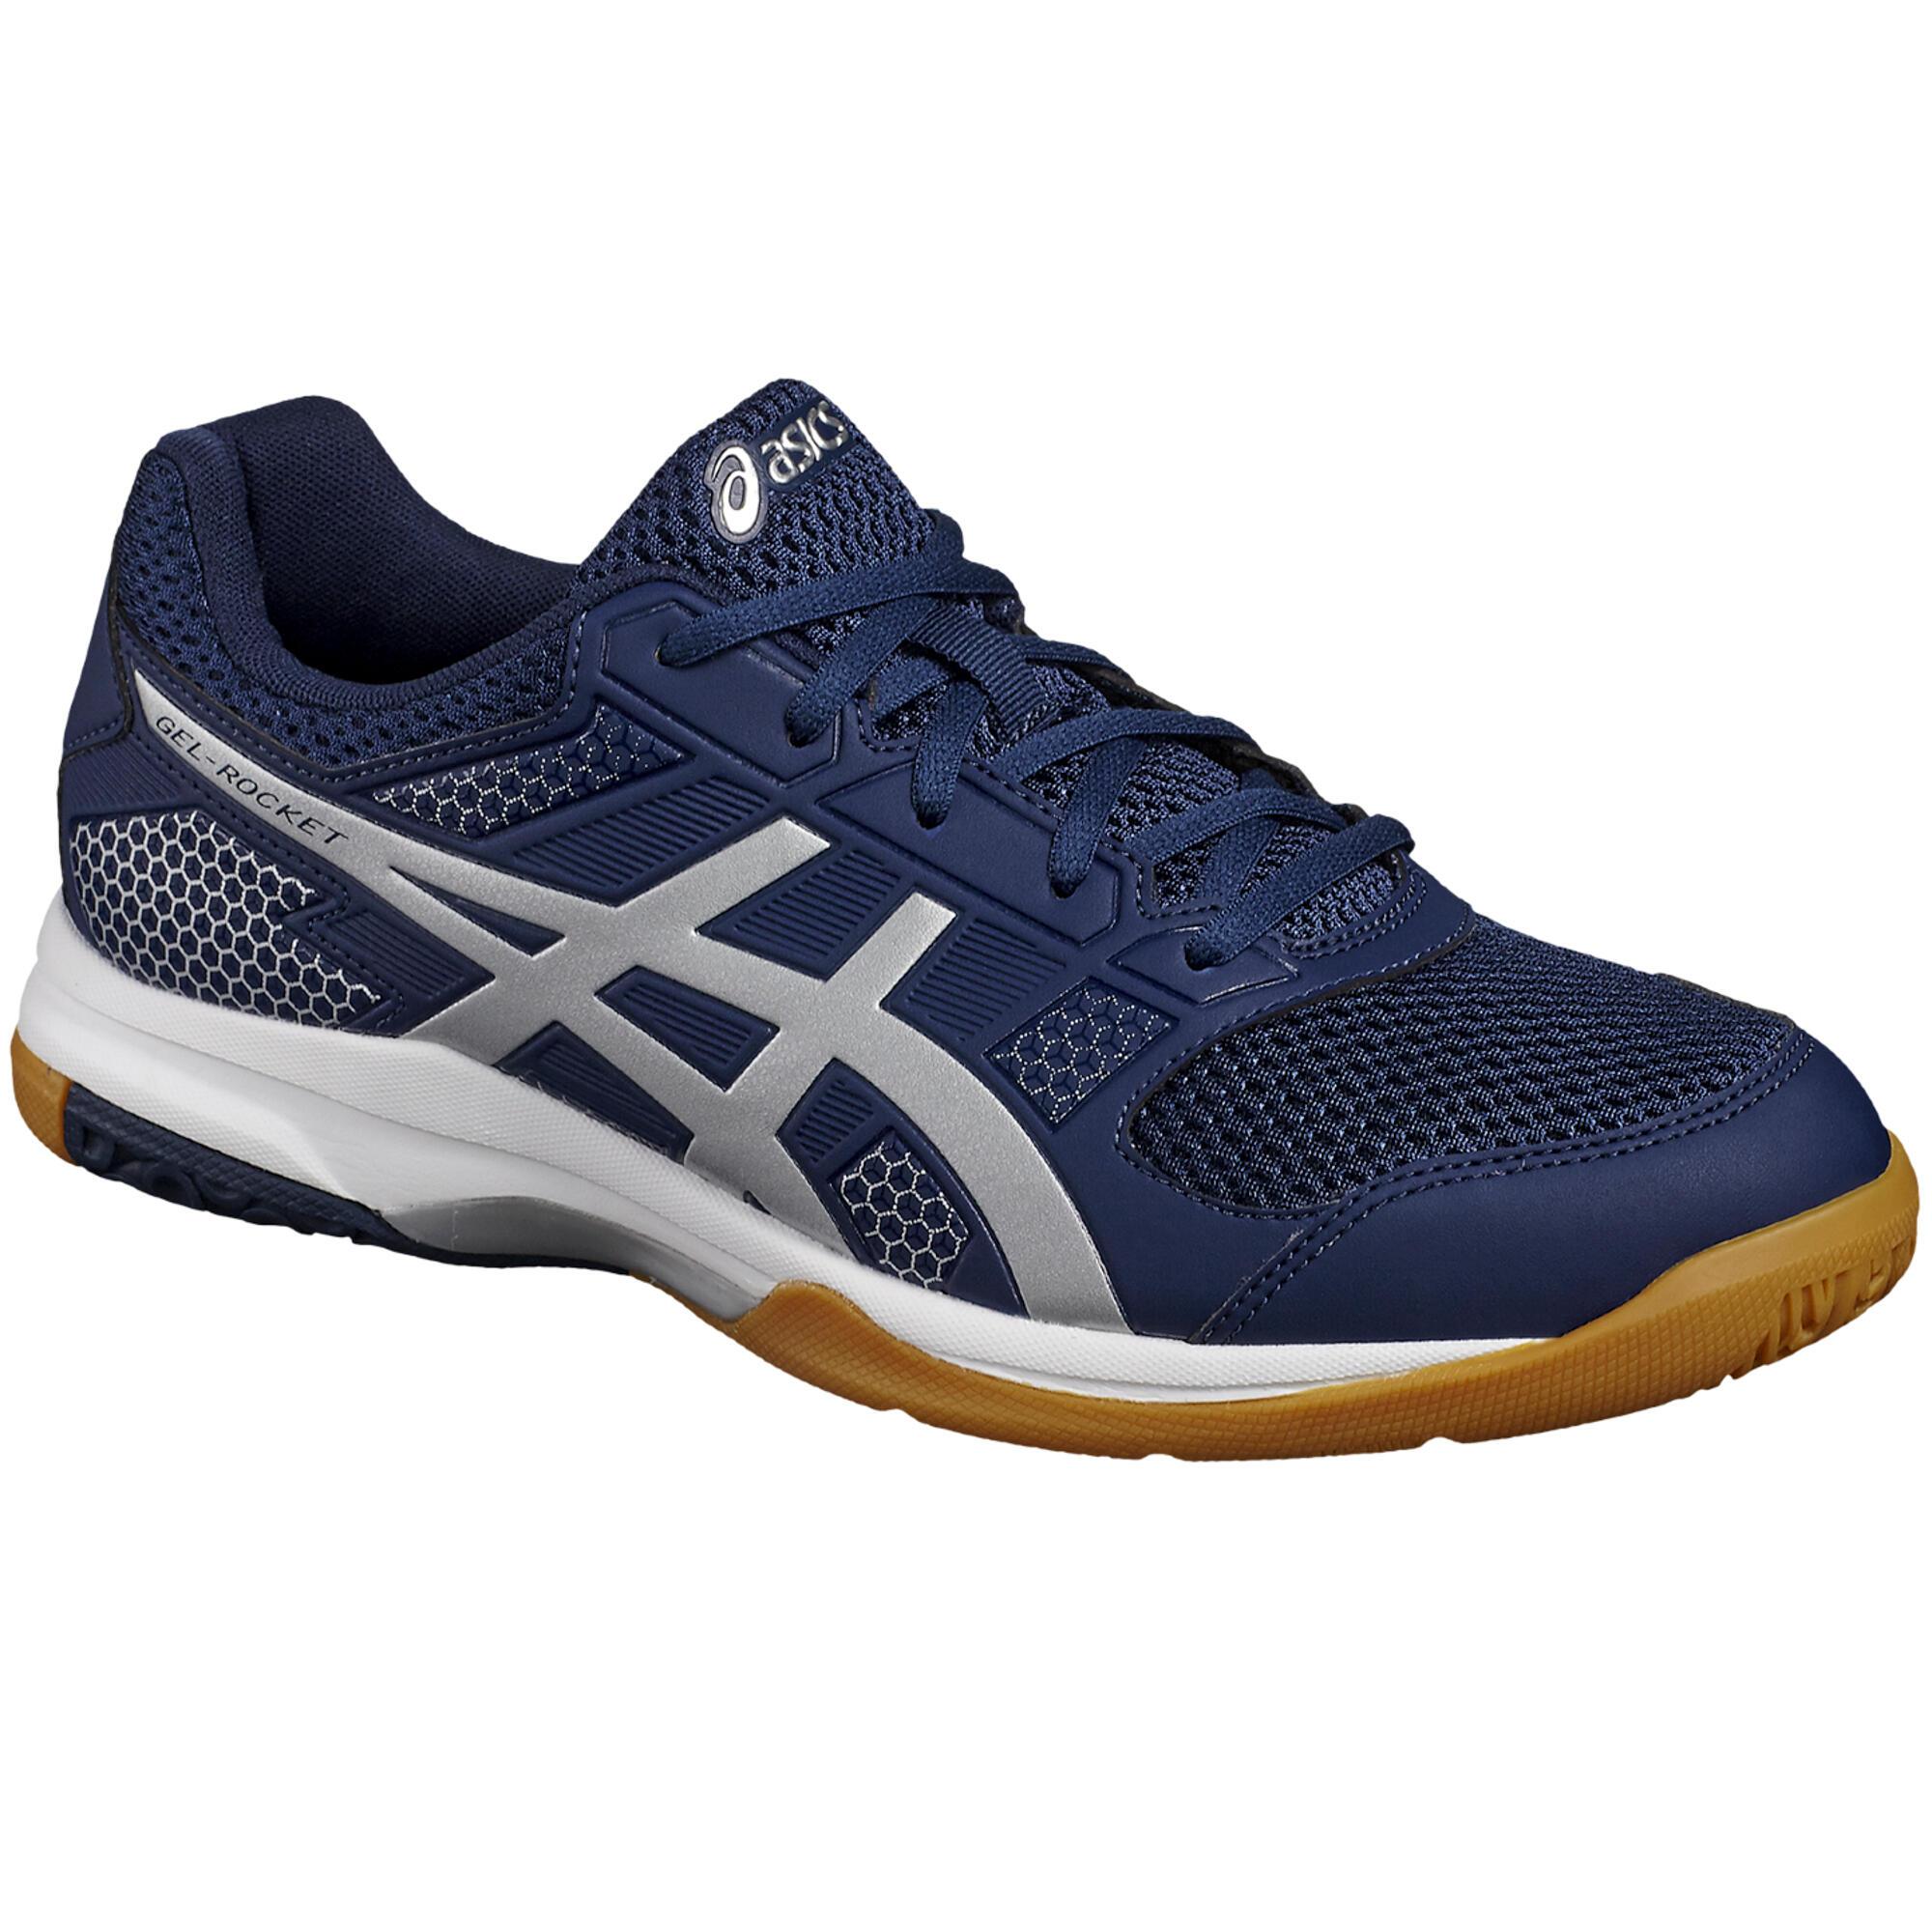 Asics Badminton-/squashschoenen voor heren Gel Rocket 8 blauw